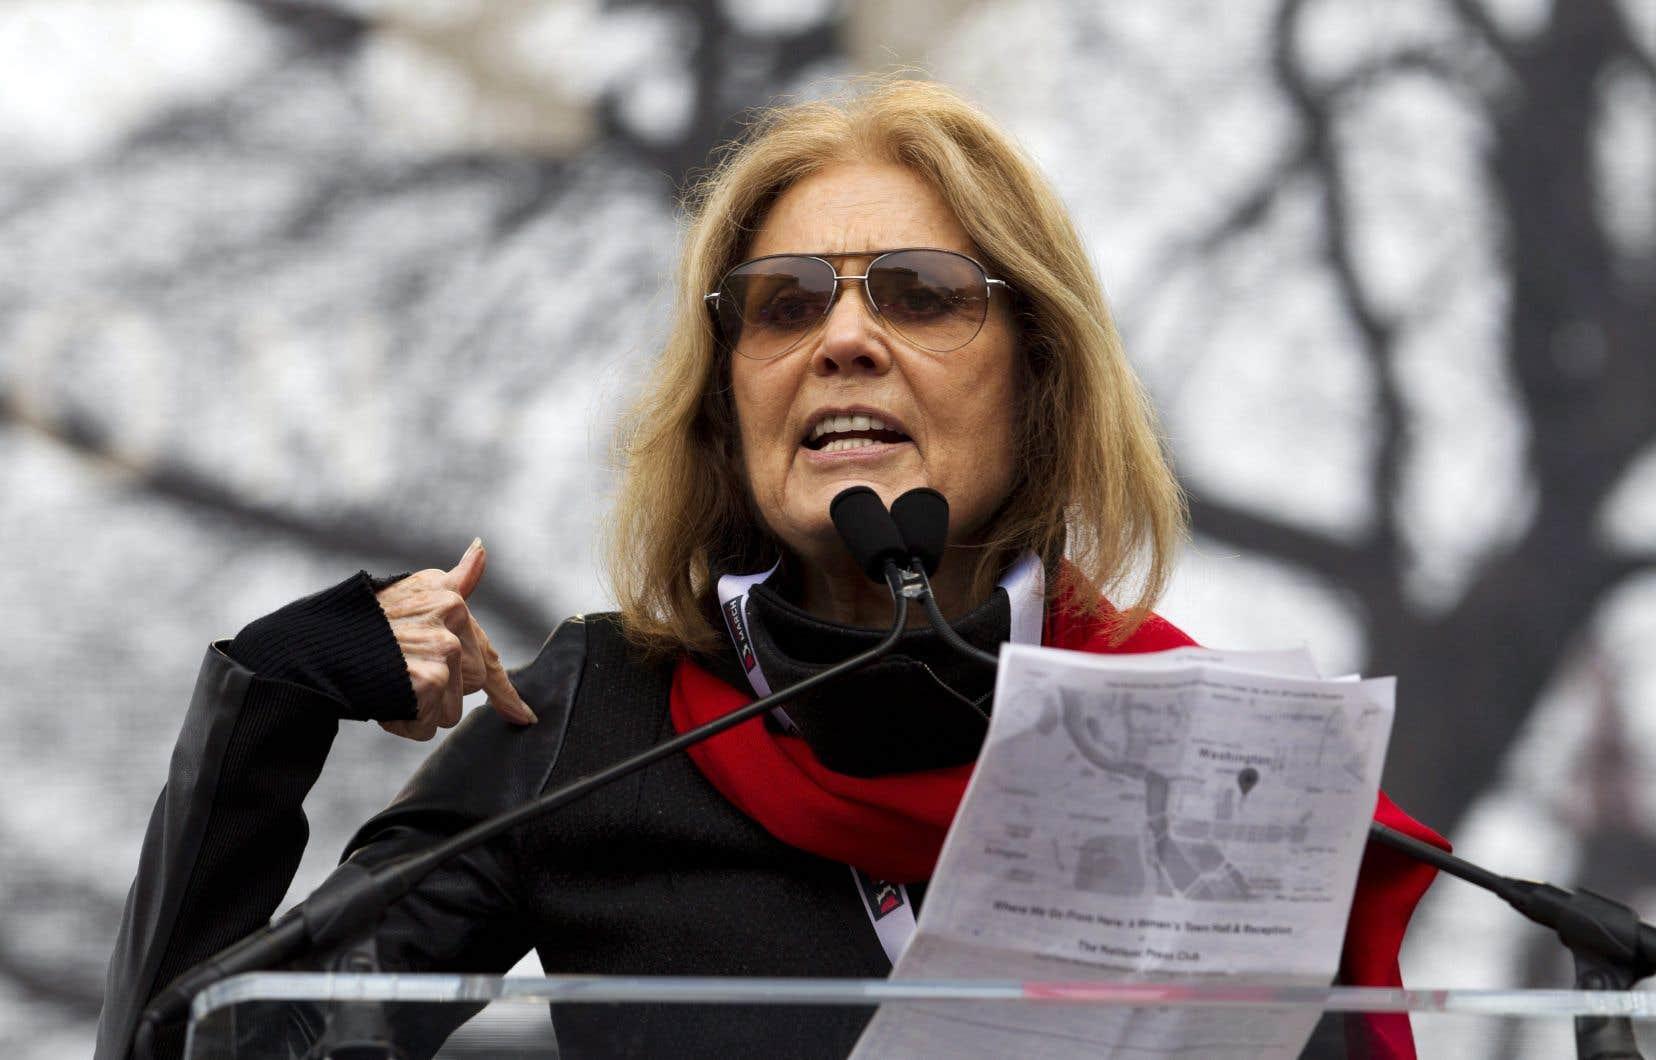 Gloria Steinem lors d'un discours durant la marche des femmes à Washington le 21 janvier 2017